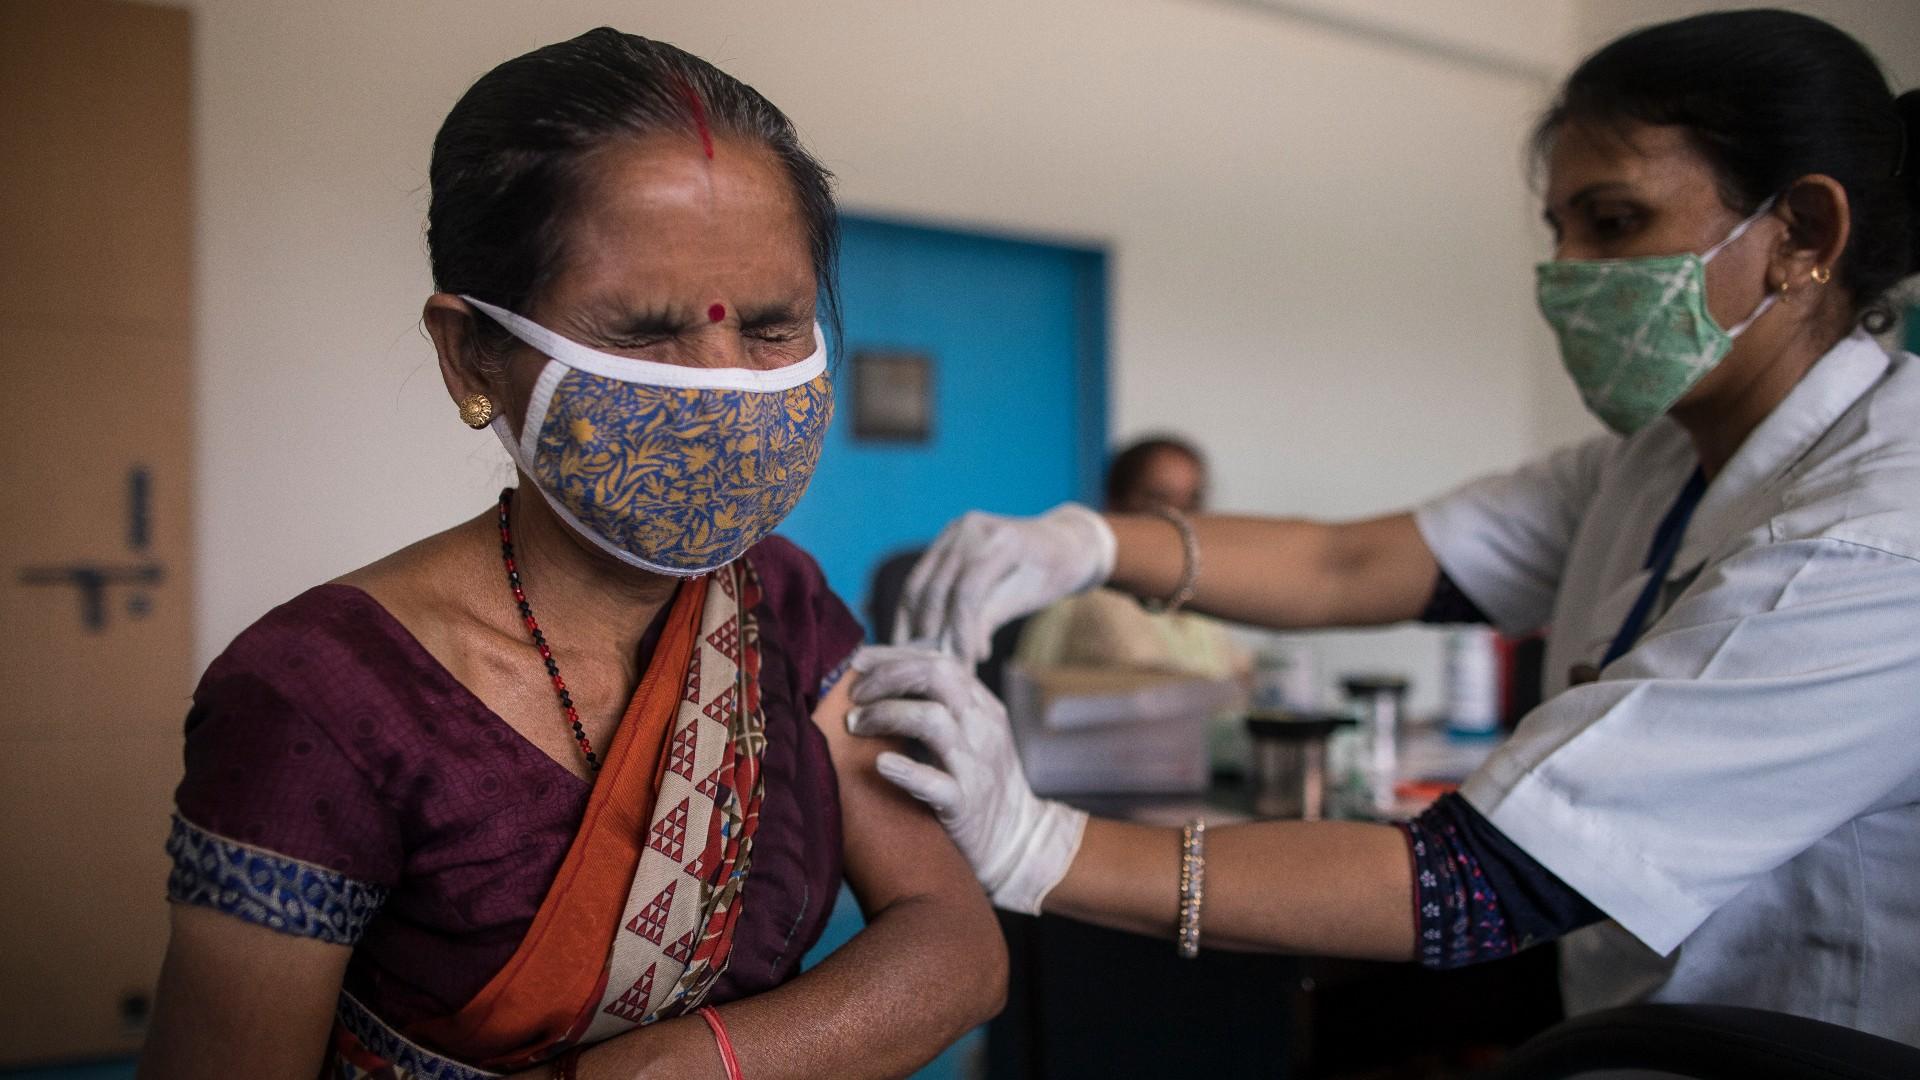 India, nuevo epicentro de la pandemia con el 40% de los nuevos casos de COVID-19